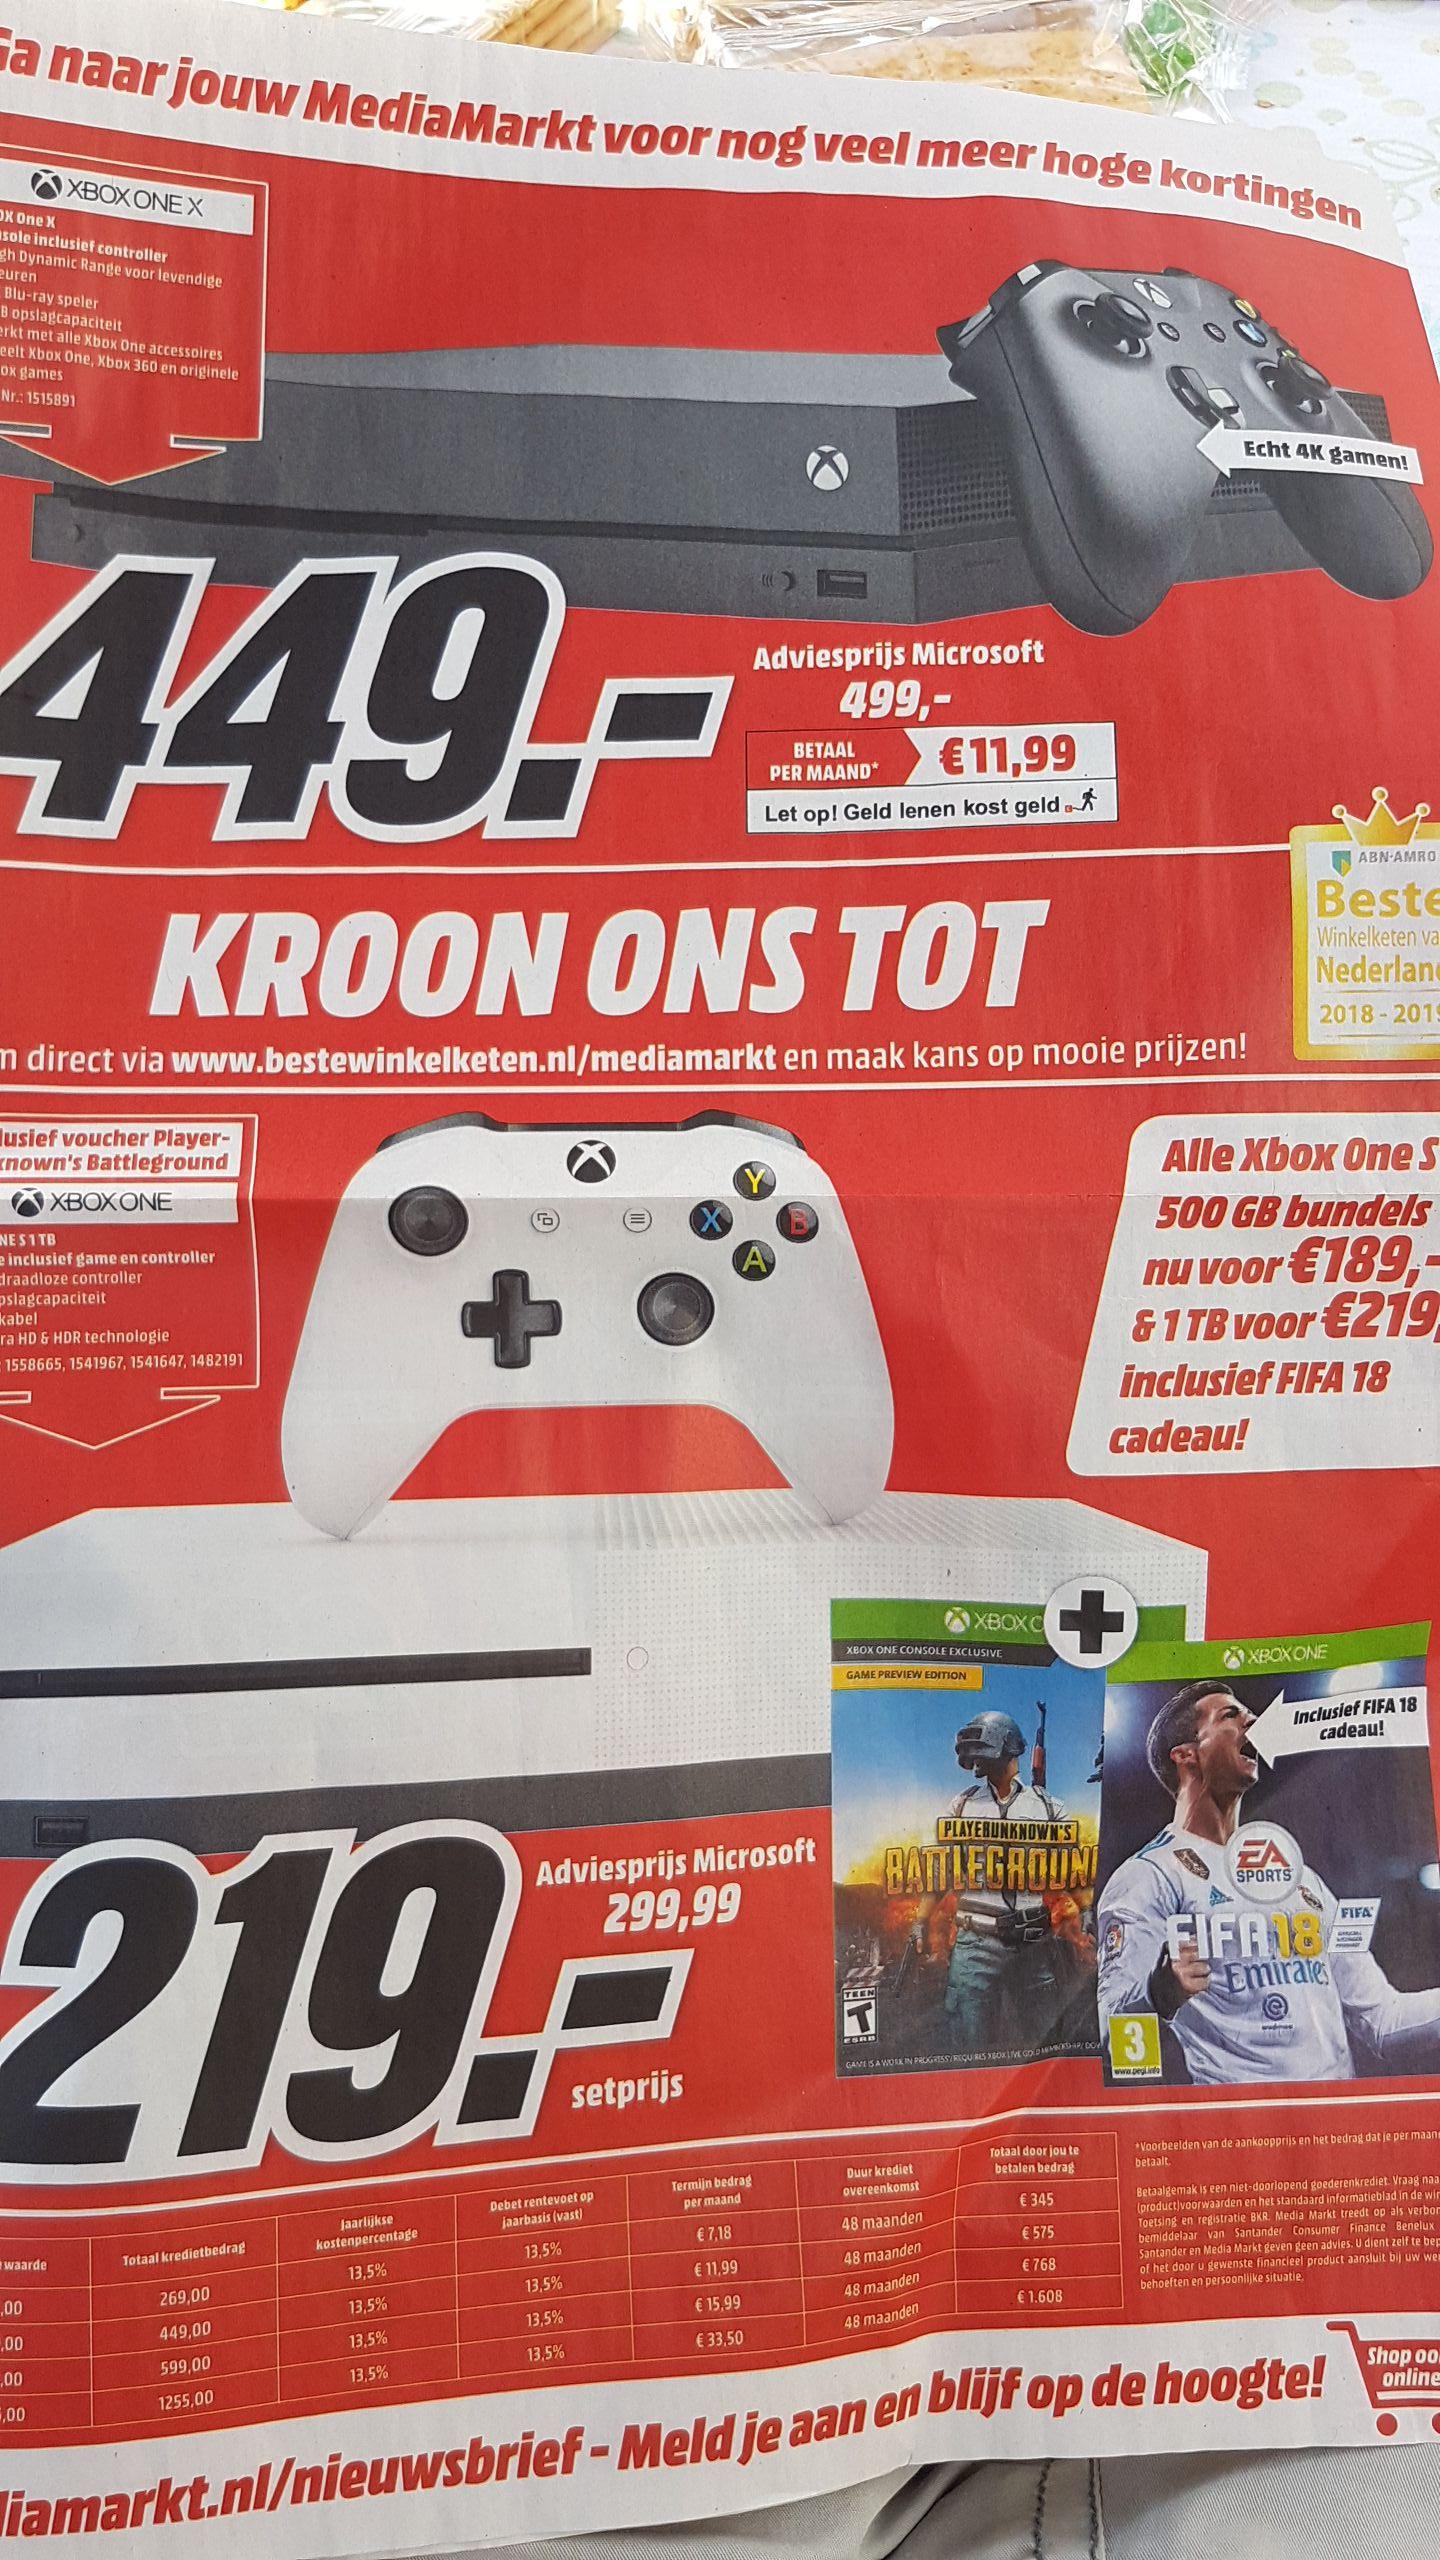 Xbox one X 449 en one S 189/219